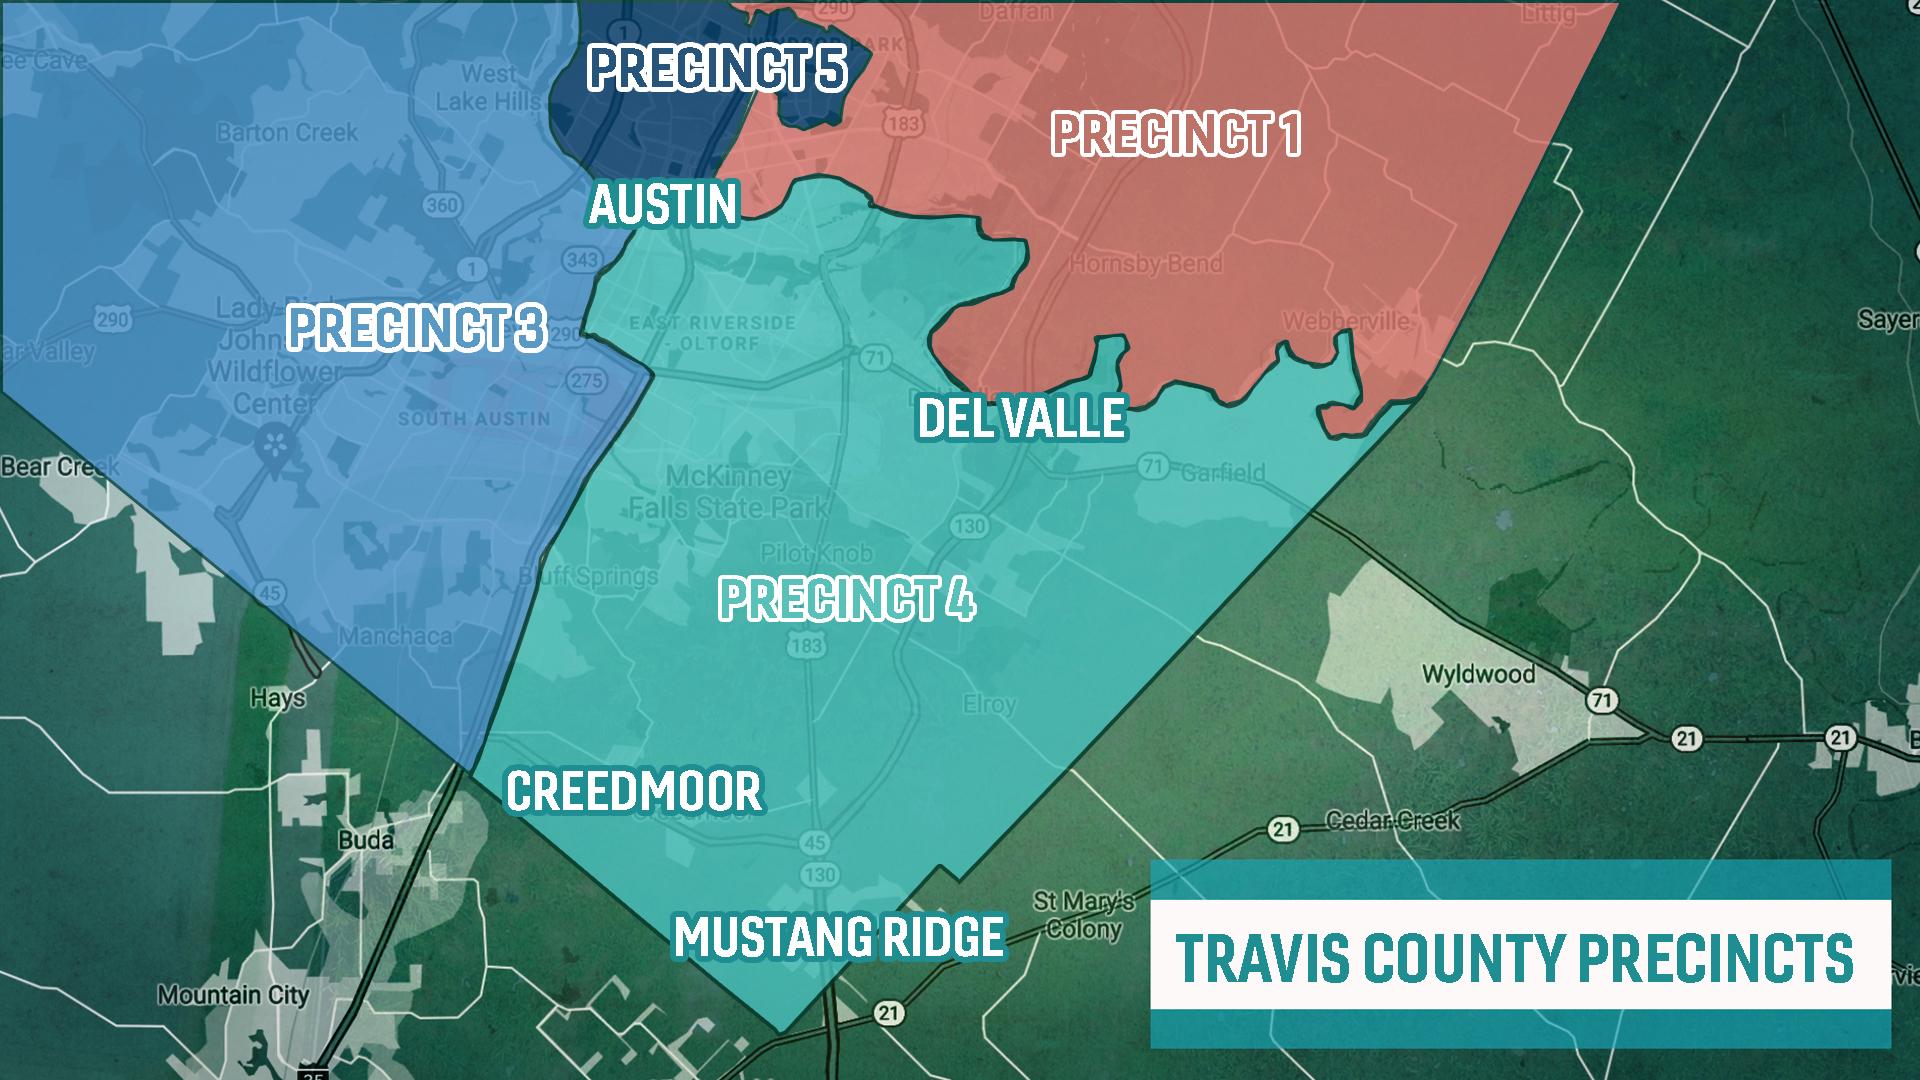 TRAVIS COUNTY PRECINCT MAP (1)